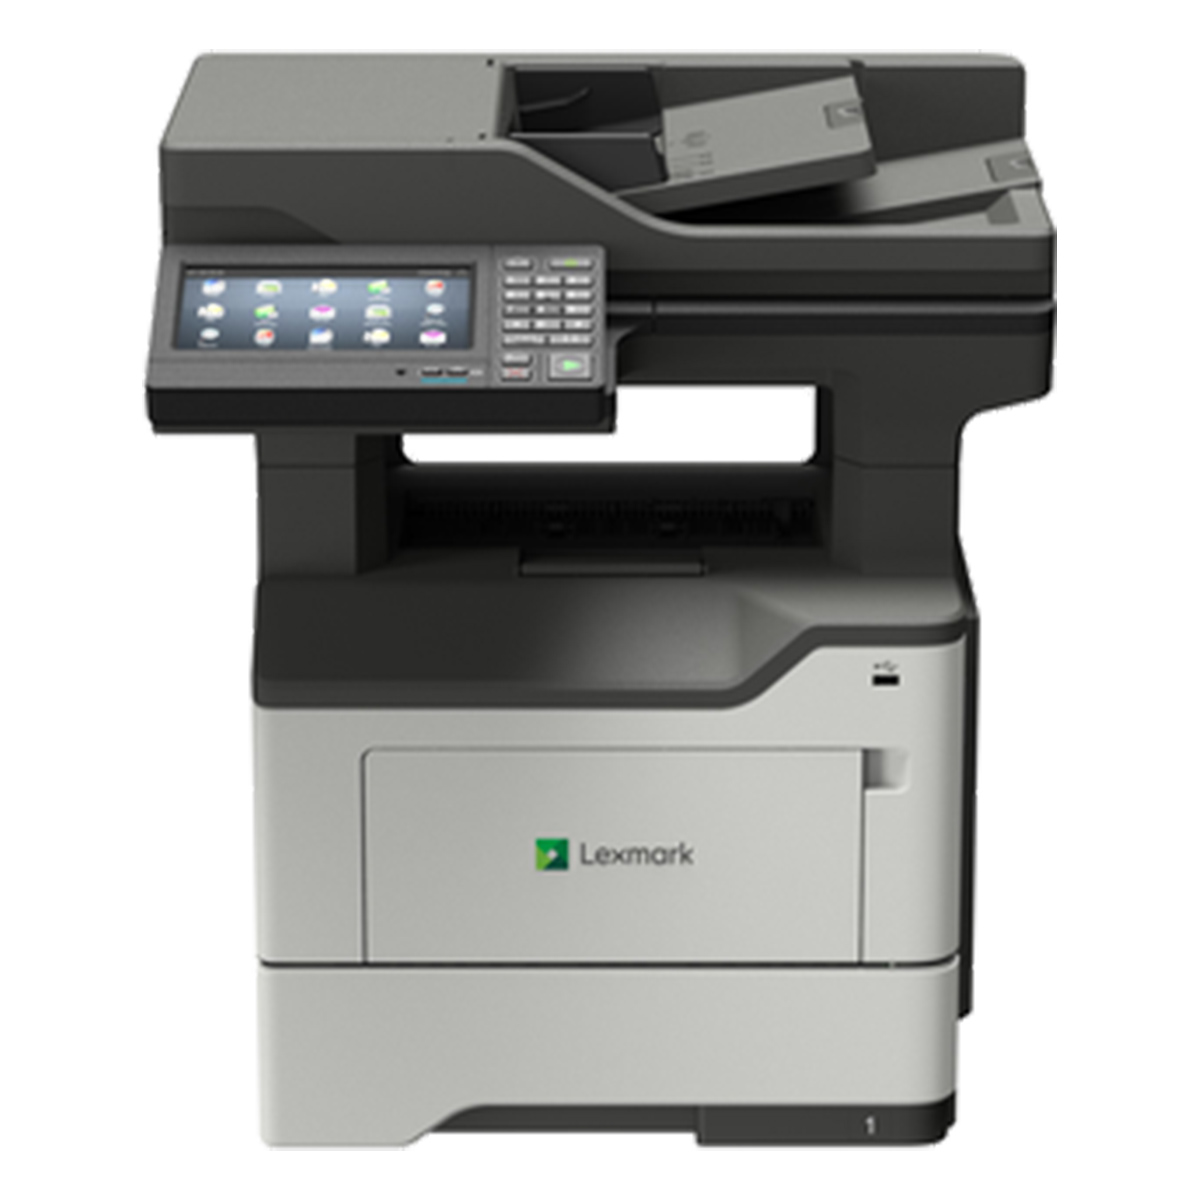 Lexmark Laser XM3250